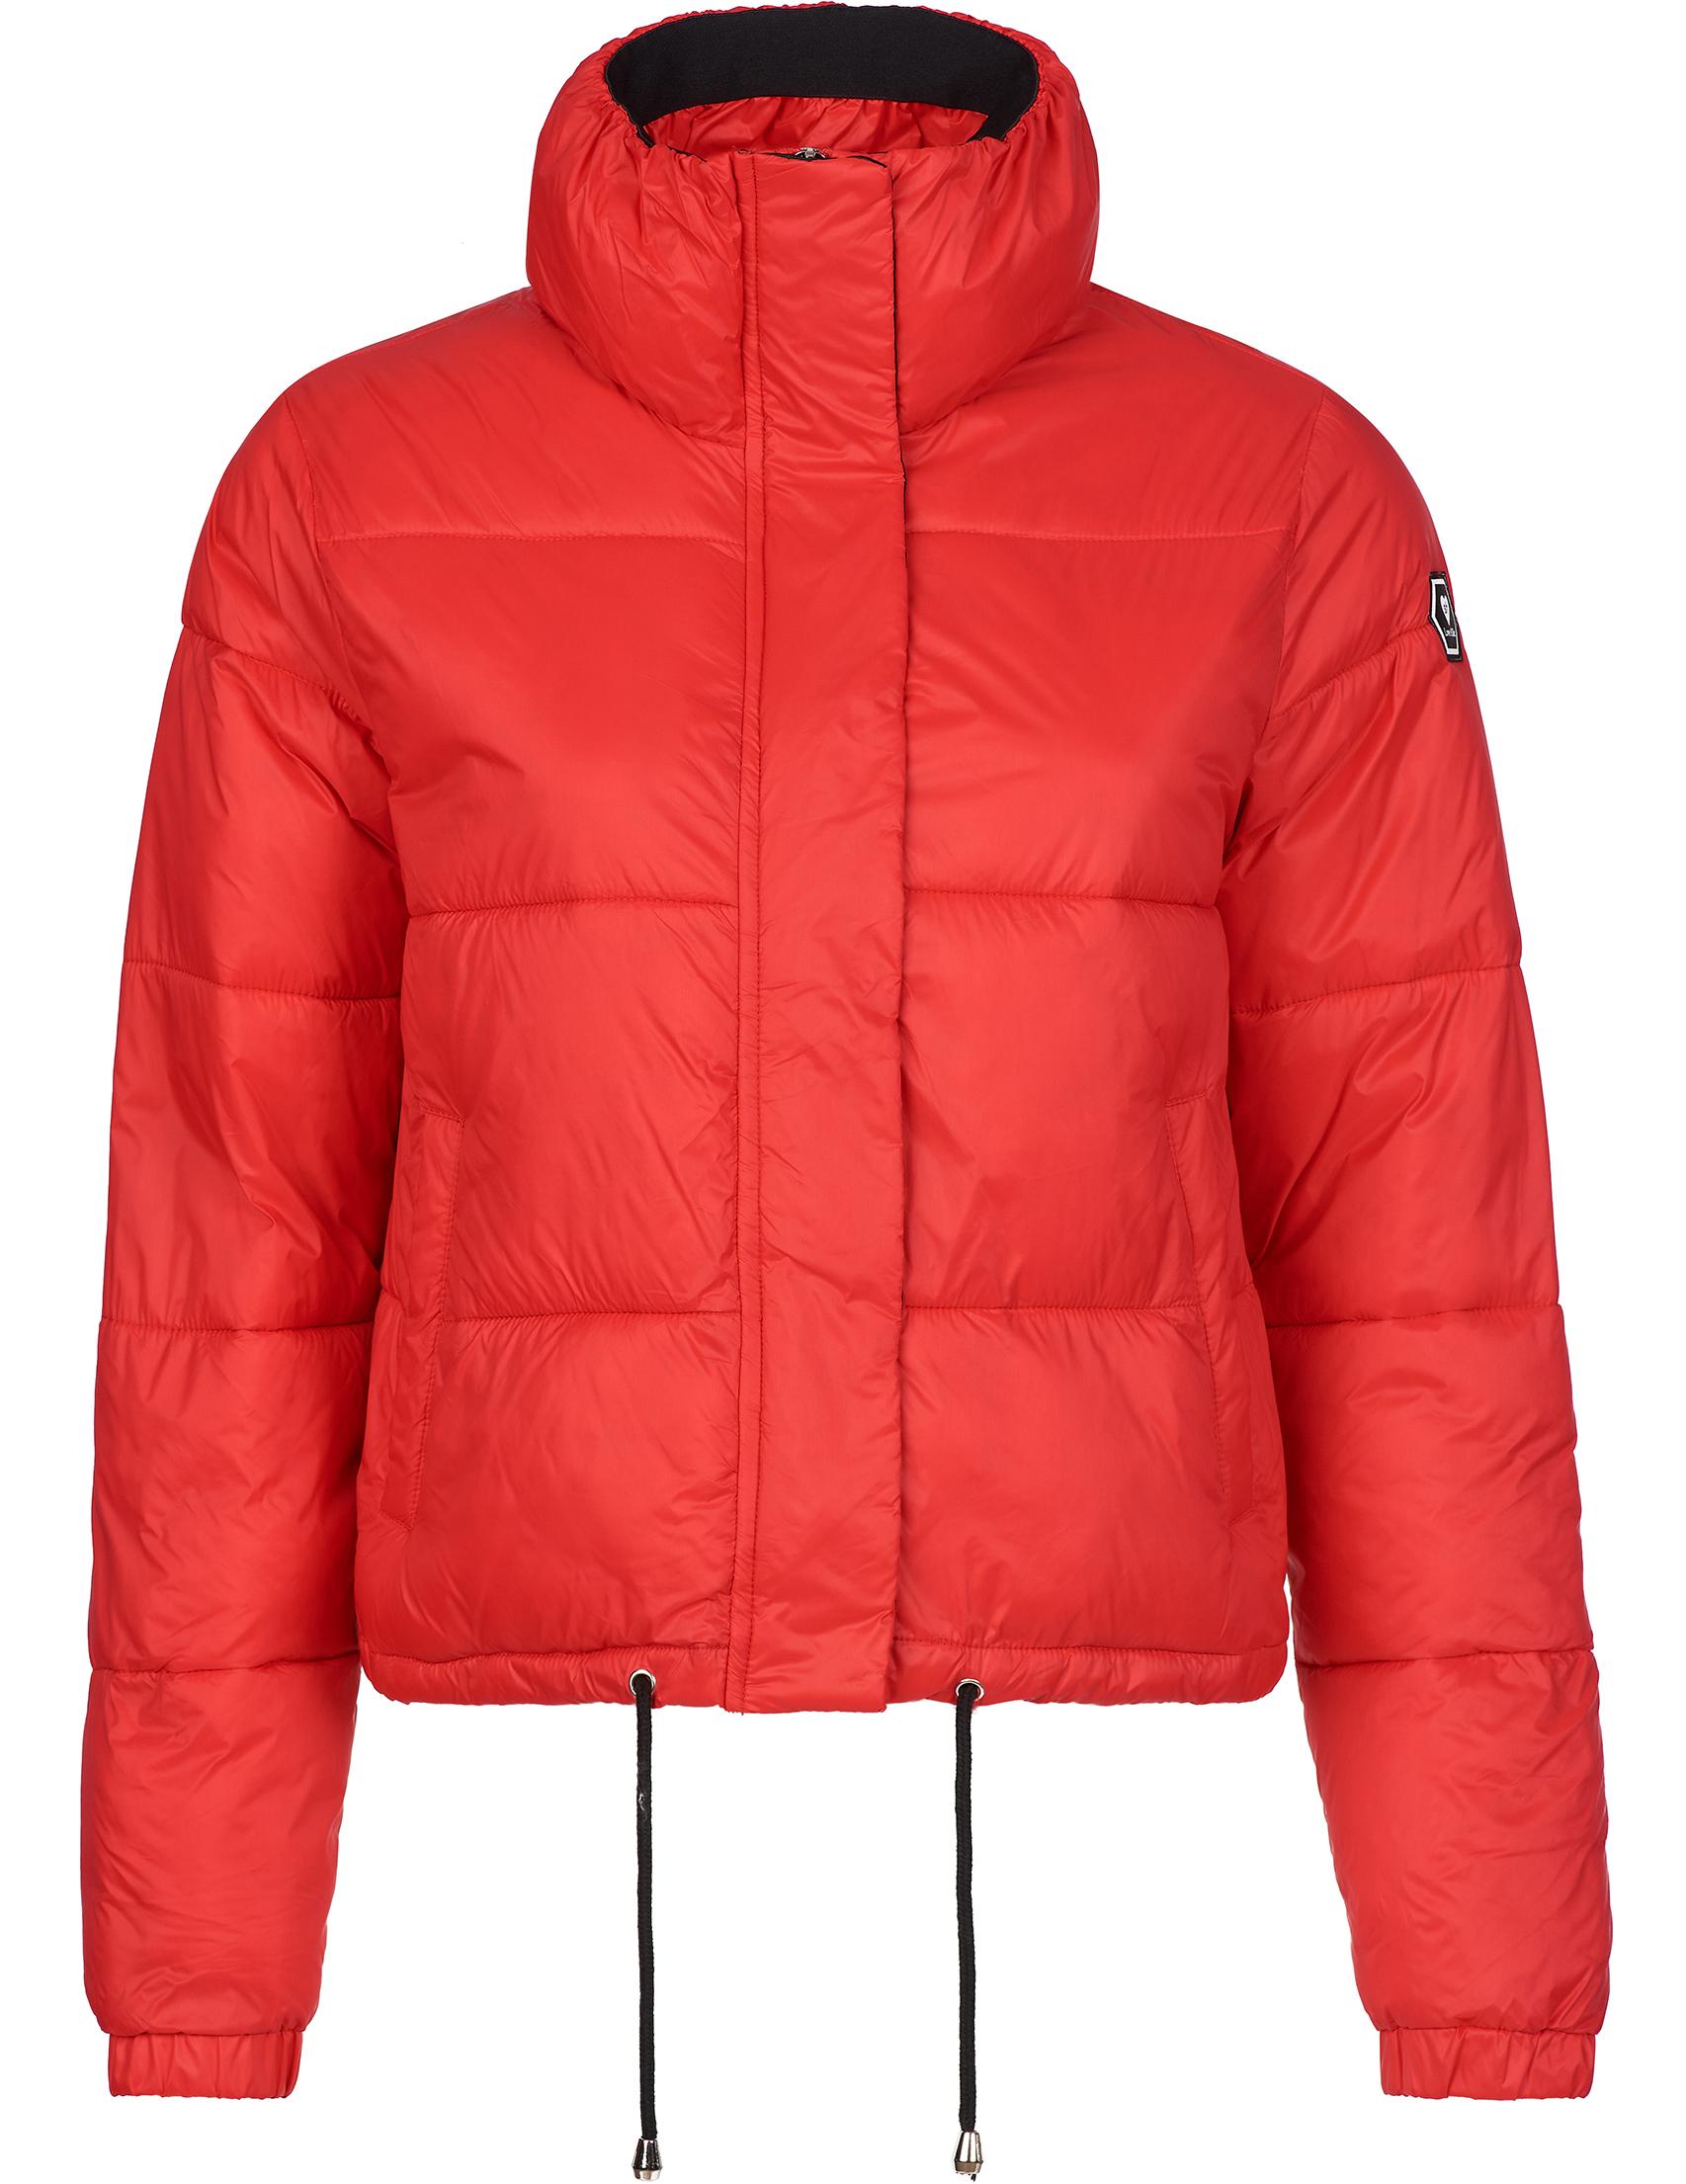 Купить Куртки, Куртка, SILVIAN HEACH, Красный, 100%Полиуритан;100%Полиэстер, Осень-Зима